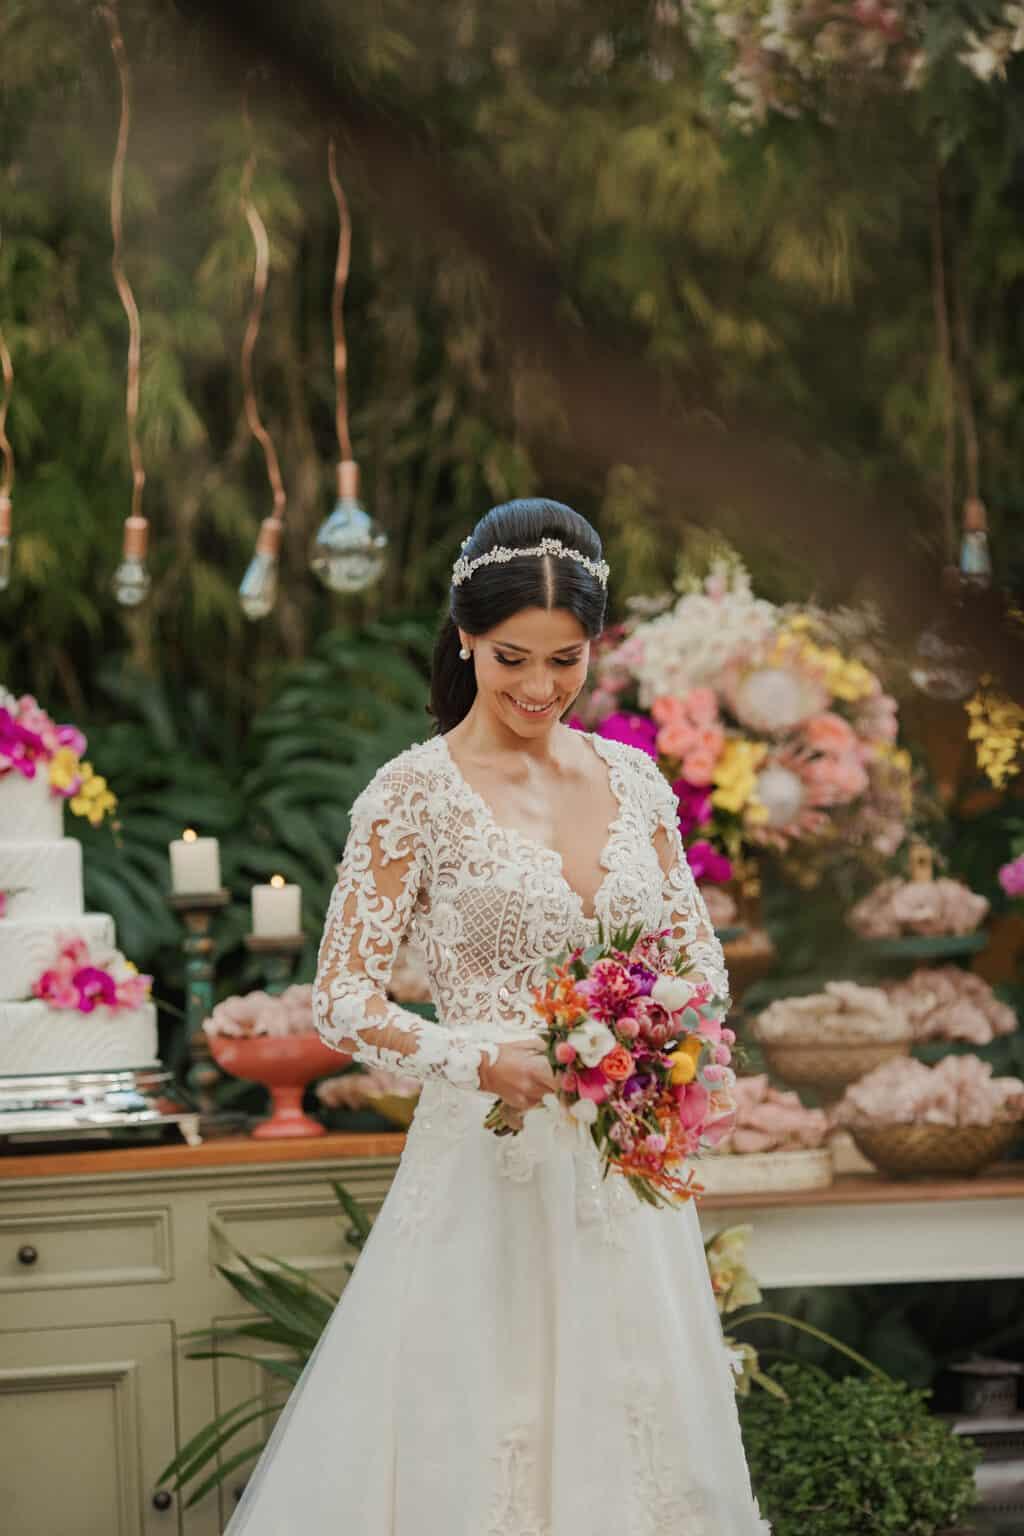 beleza-da-noiva-casamento-Beatriz-e-Joao-Fernando-Itaipava-Locanda-Della-Mimosa-Thienny-Tammis88